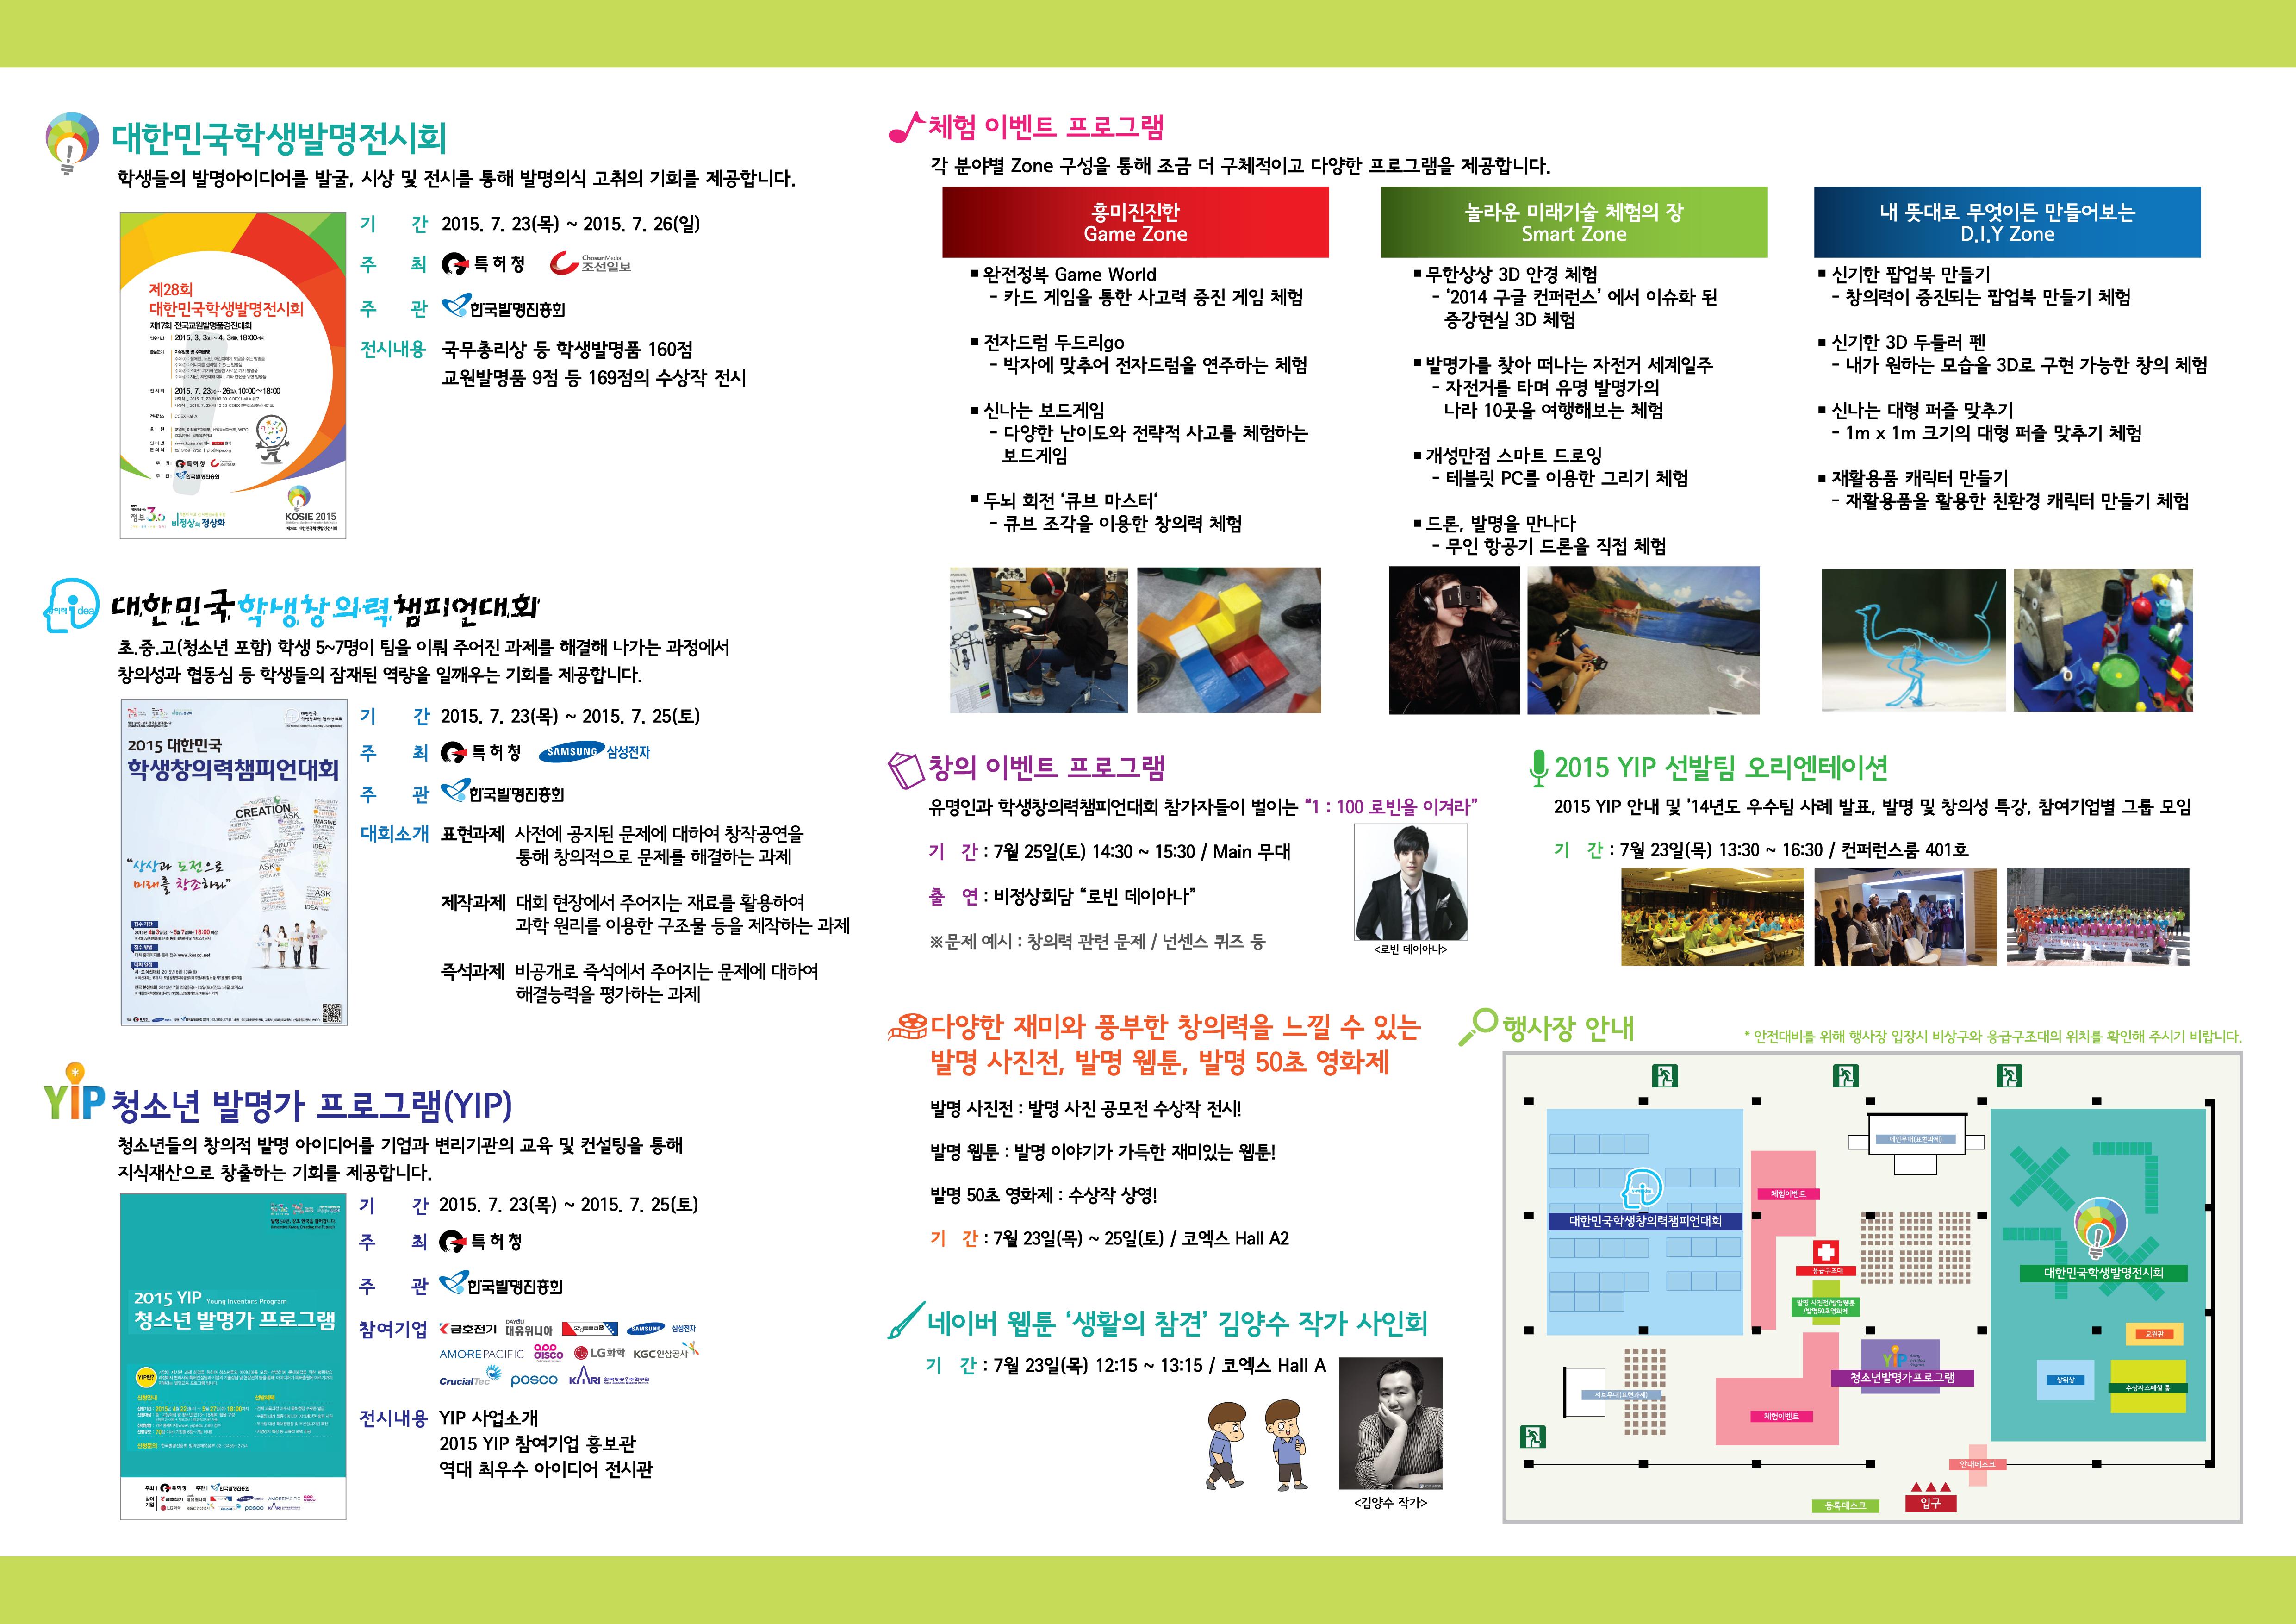 2015_청소년발명페스티벌_리플렛_2.jpg : '2015 청소년 발명페스티벌' 코엑스에서 7월 23일(목)~7월 26일(일) 개최!!